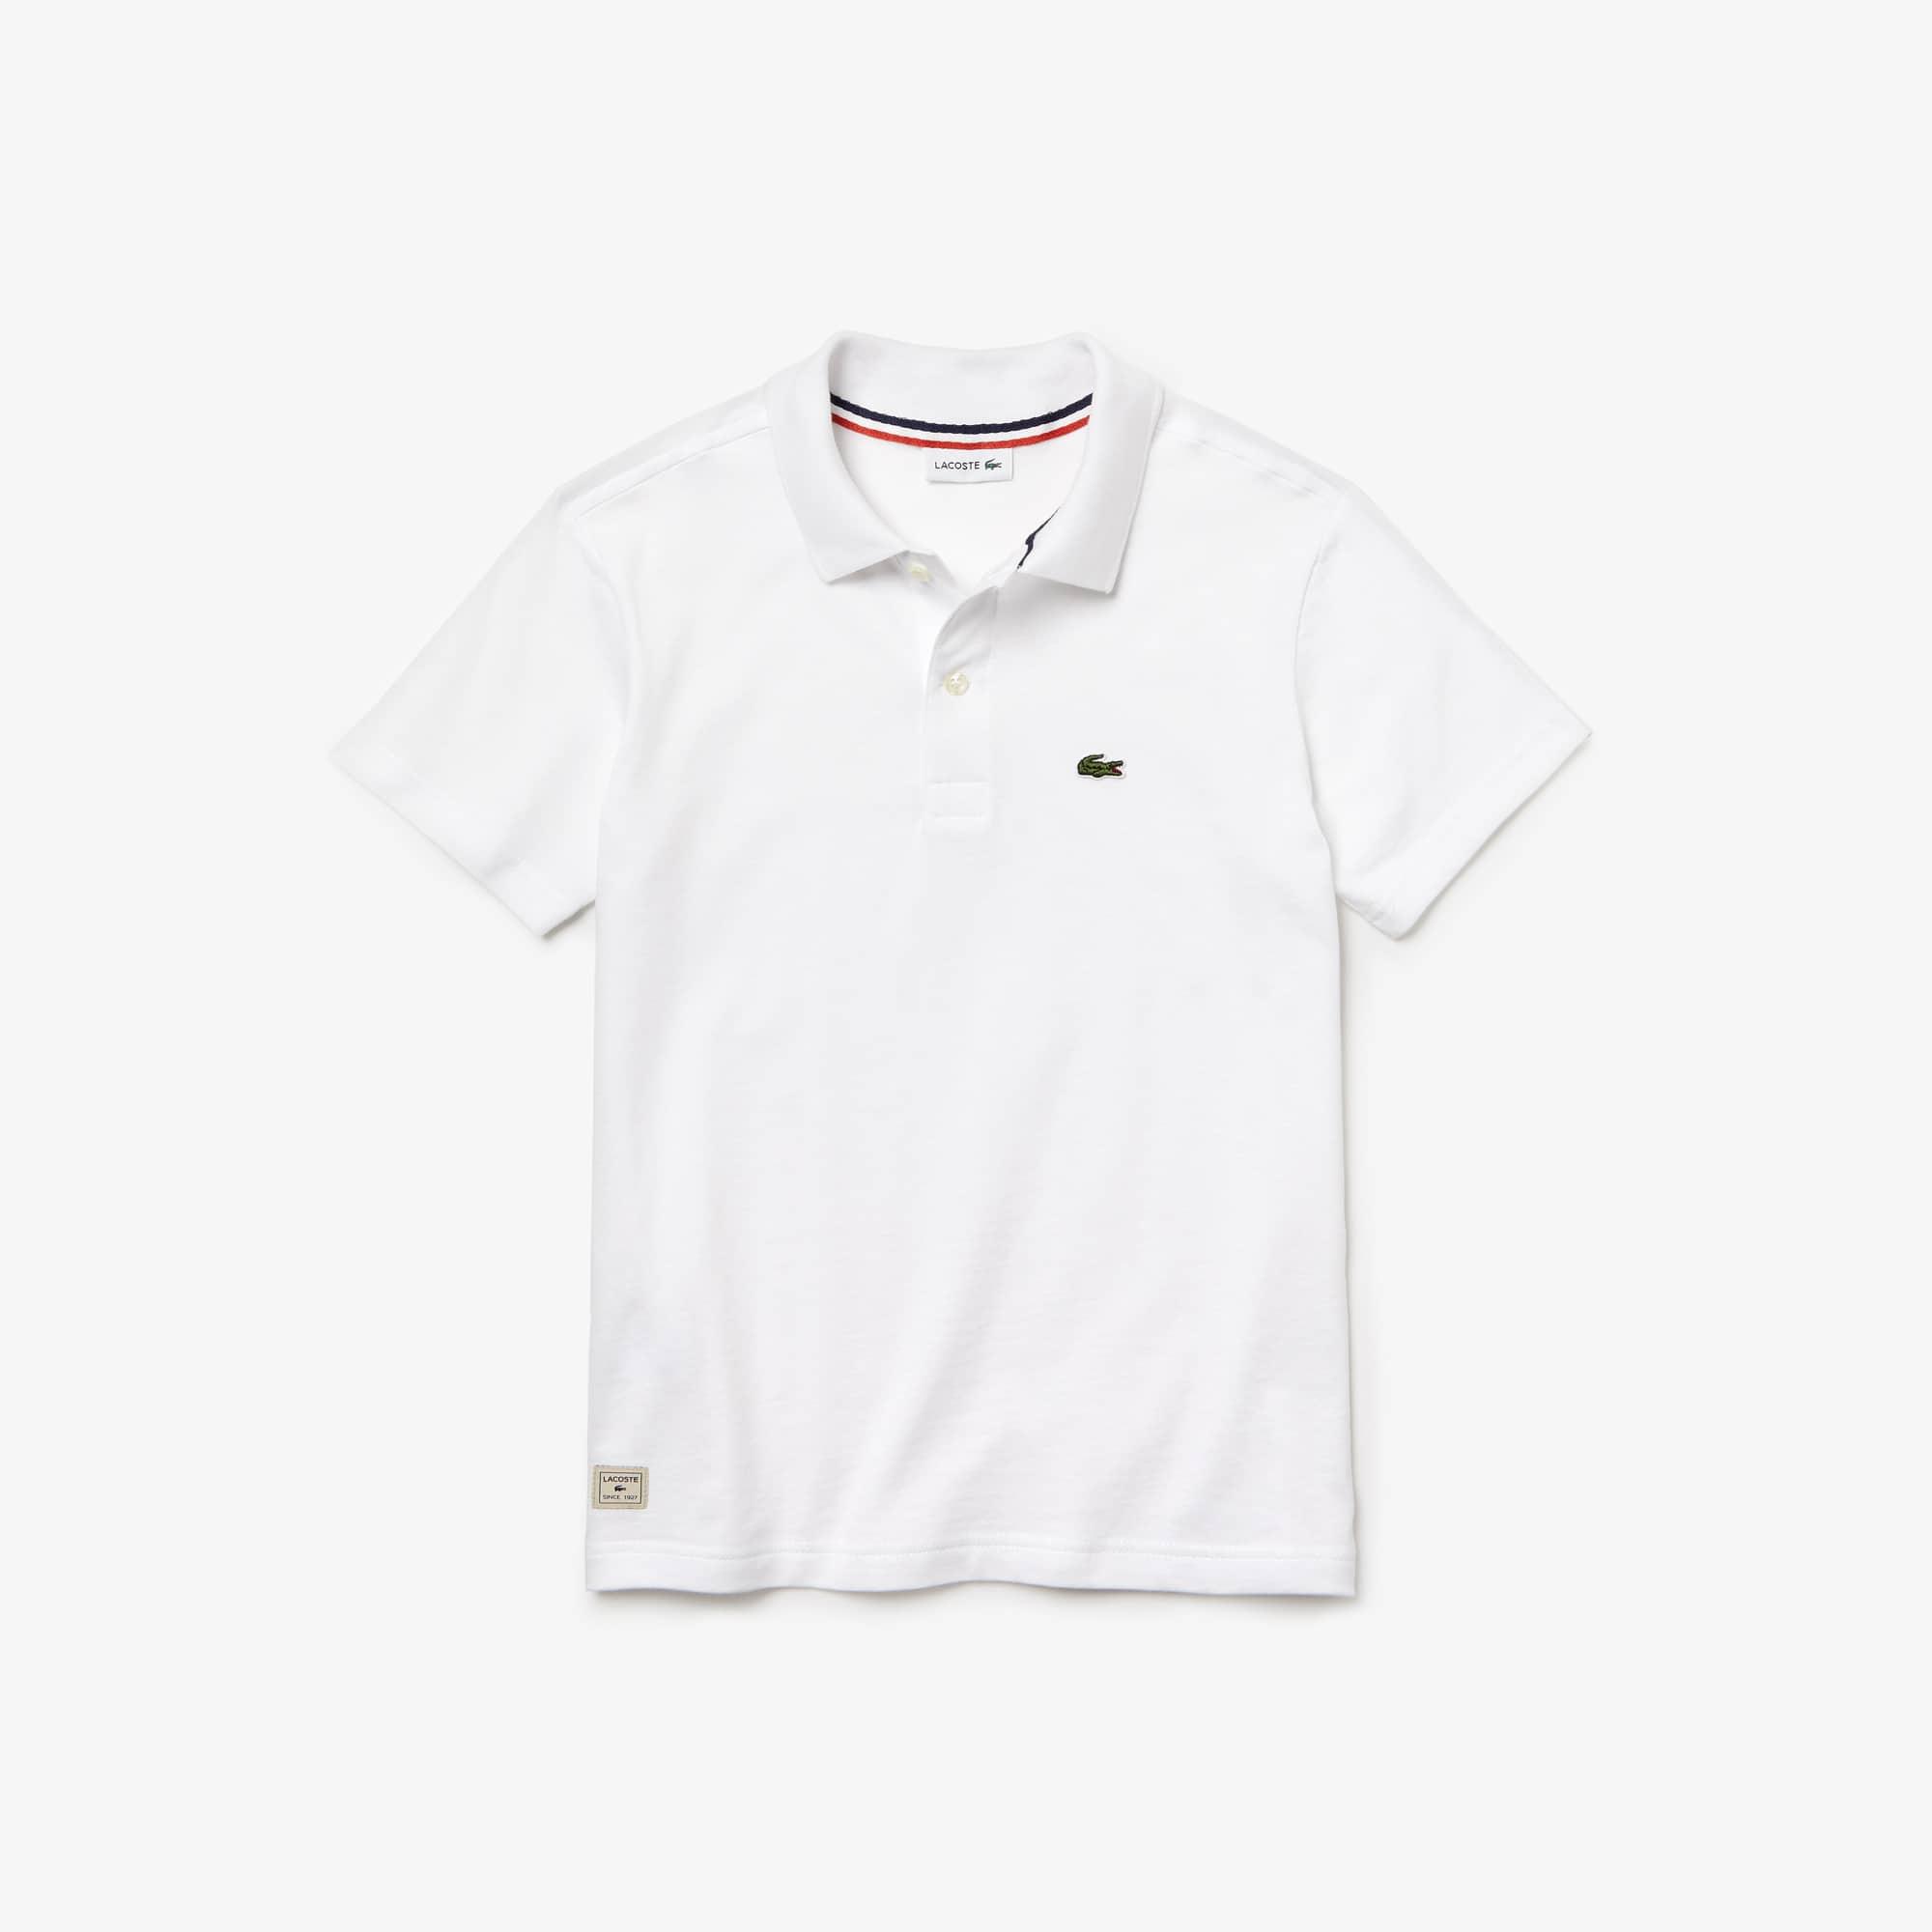 7a4070b5018 Camisa Polo Lacoste Infantil Masculina em Jérsei de Algodão